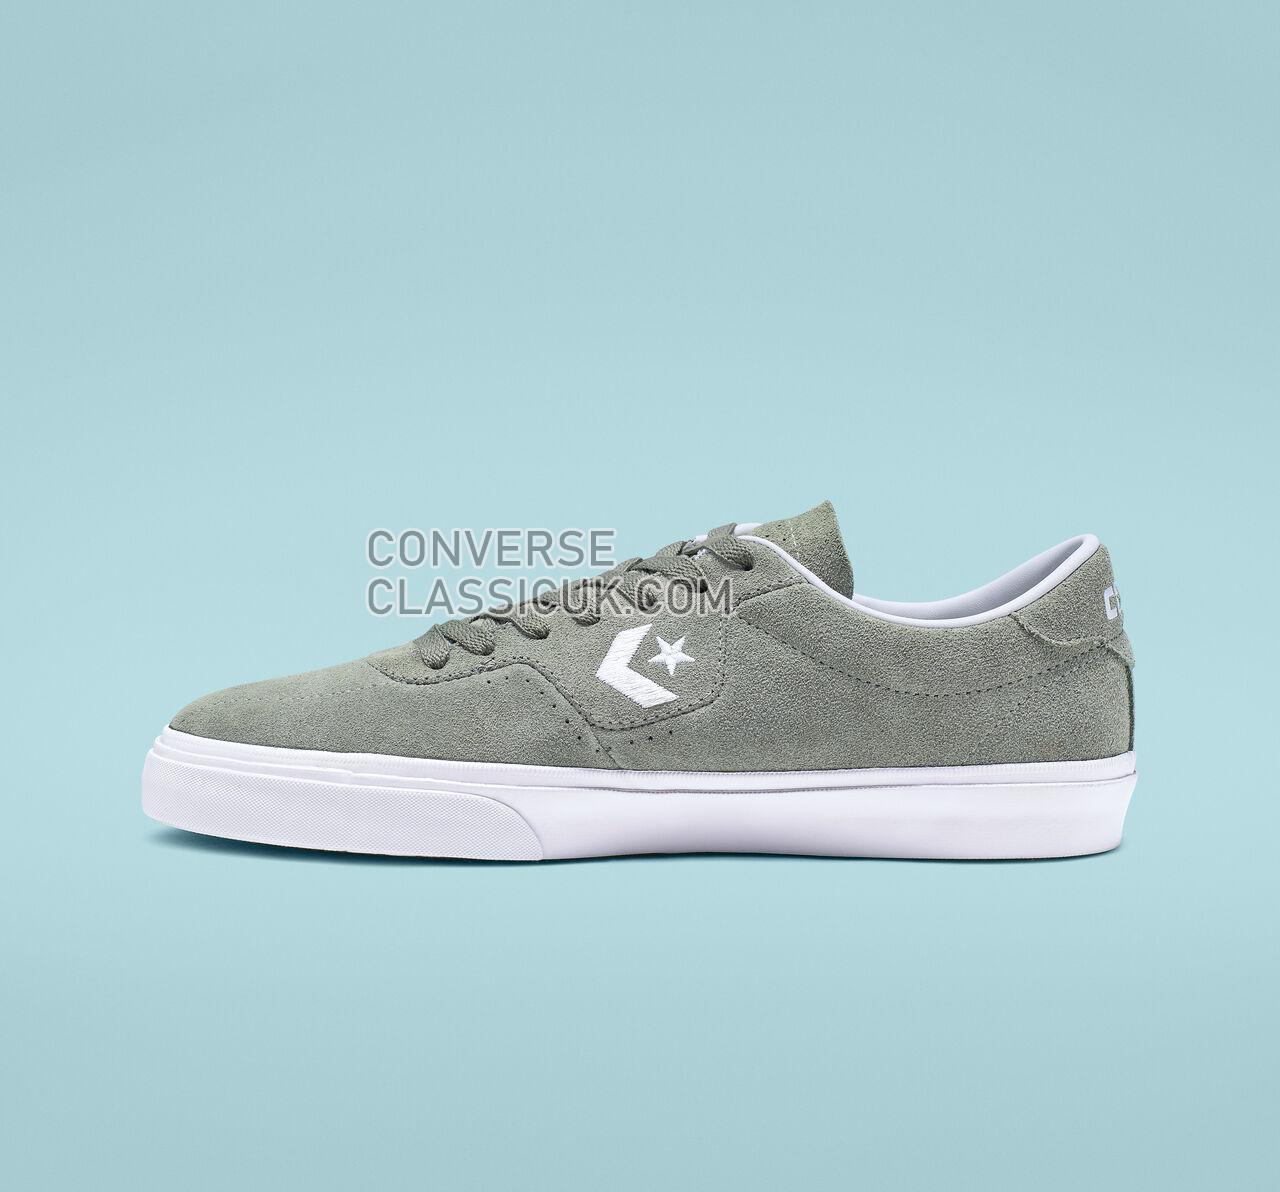 Converse Louie Lopez Pro Low Top Mens Womens Unisex 165271C Jade Stone/White/White Shoes